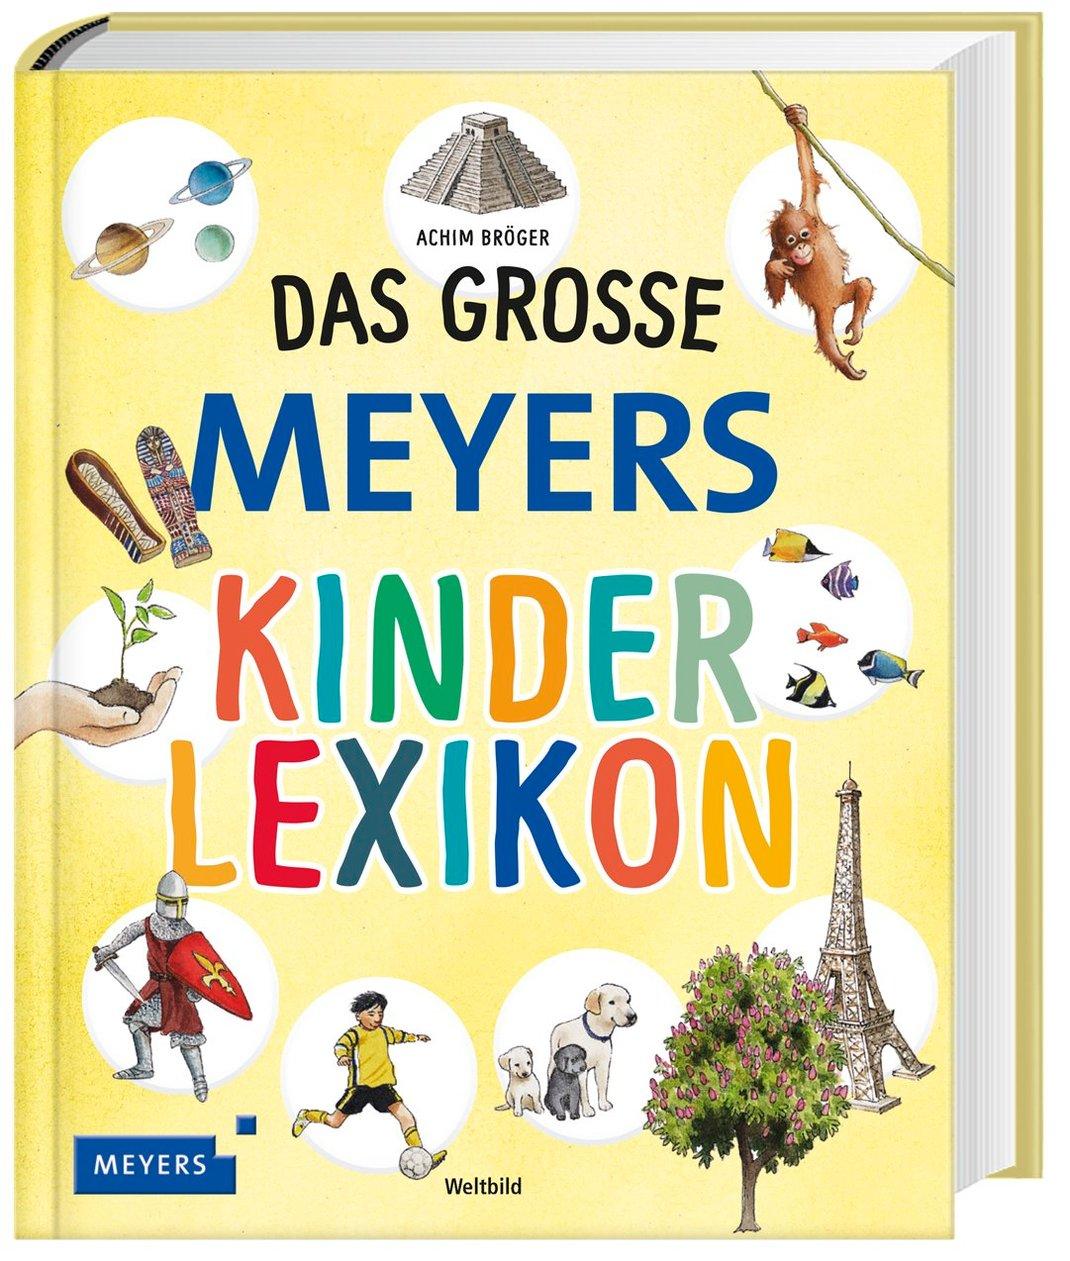 Achim Bröger, Lexikon, Grundschule, Buchtipp